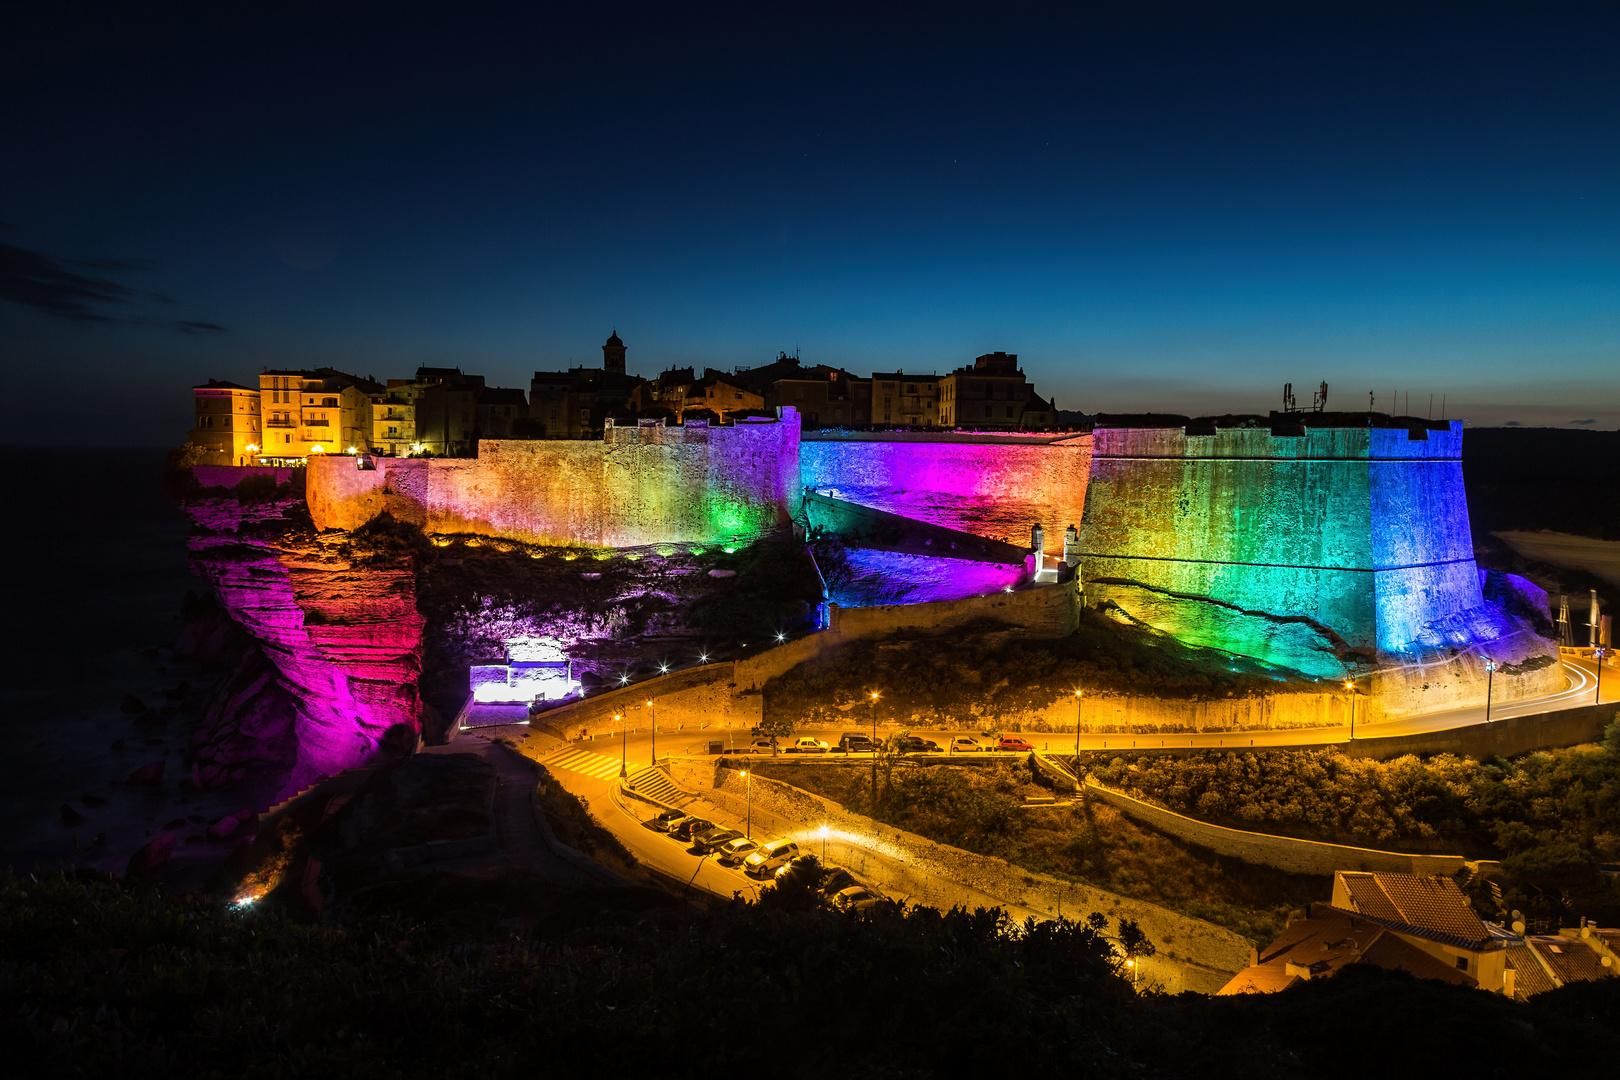 Farbenfrohe Beleuchtung in Bonifacio